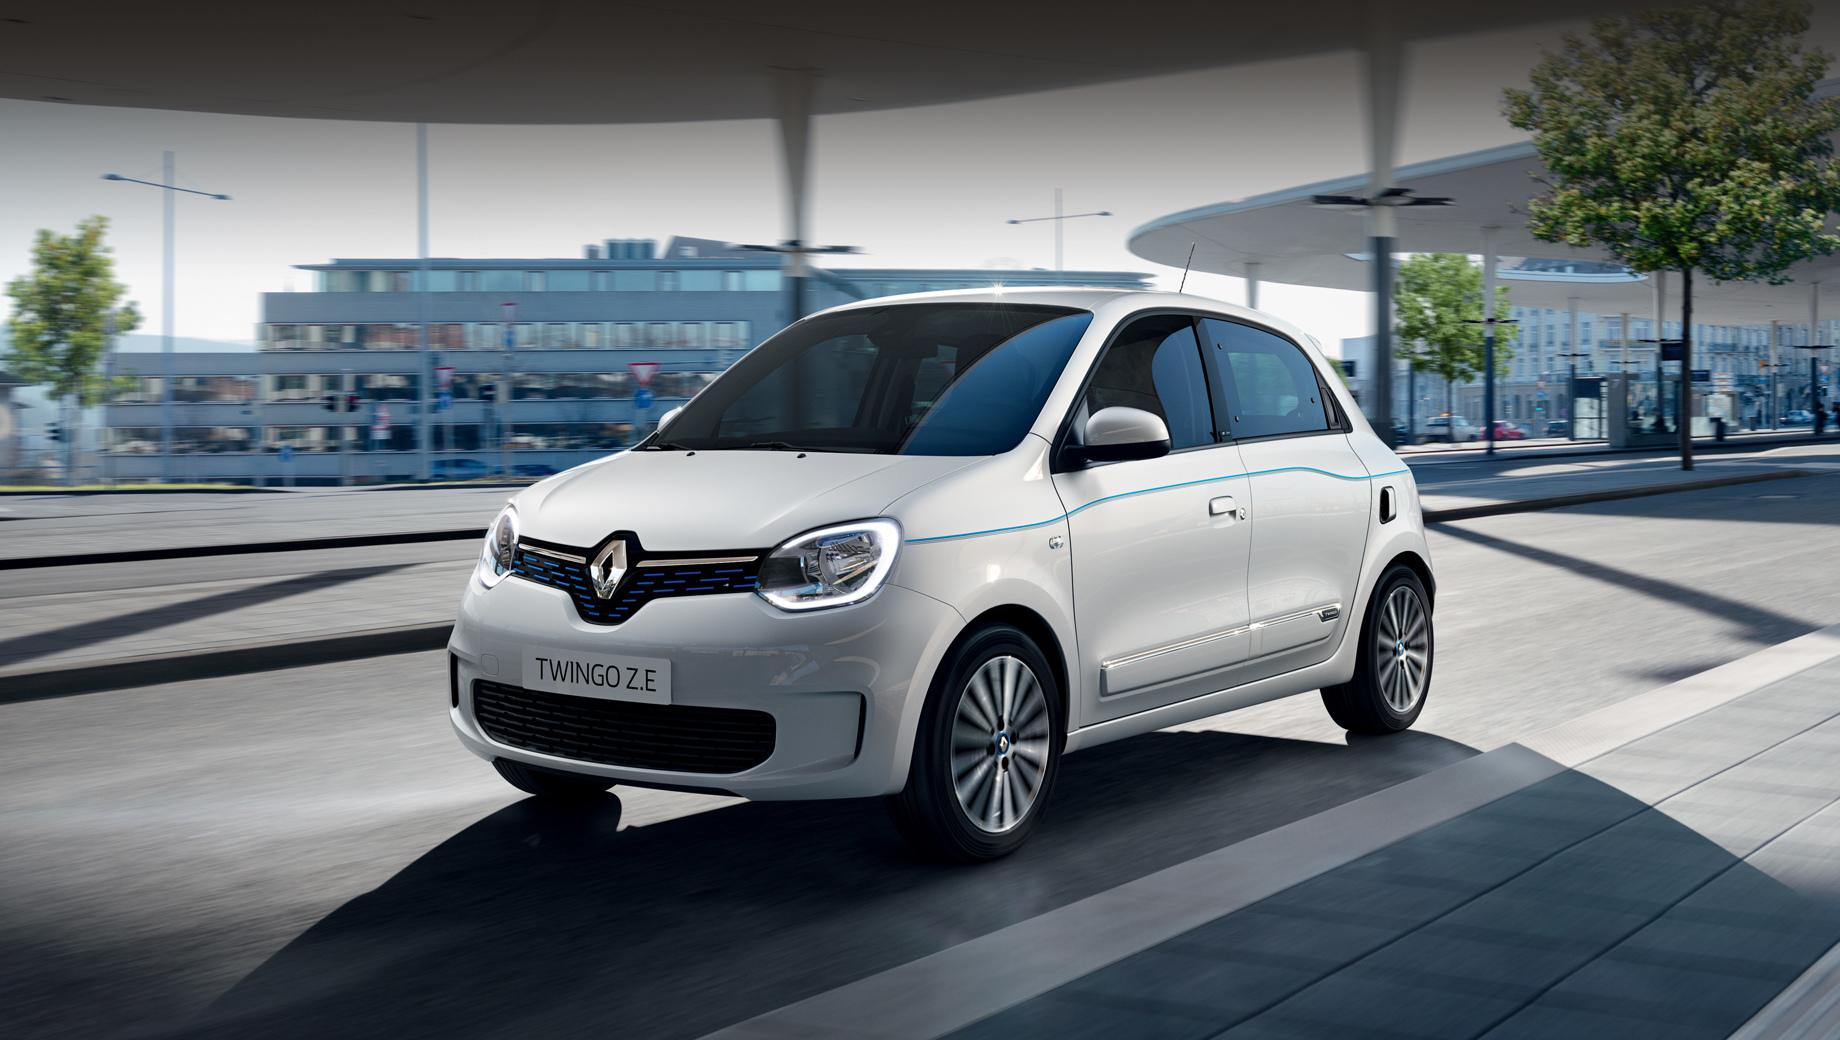 Renault twingo,Renault twingo ze. Удивительно, но Twingo Z.E. внешне мало чем отличается от бензинового Twingo, лишь несколько малозаметных штрихов указывают на машину с нулевым выхлопом.